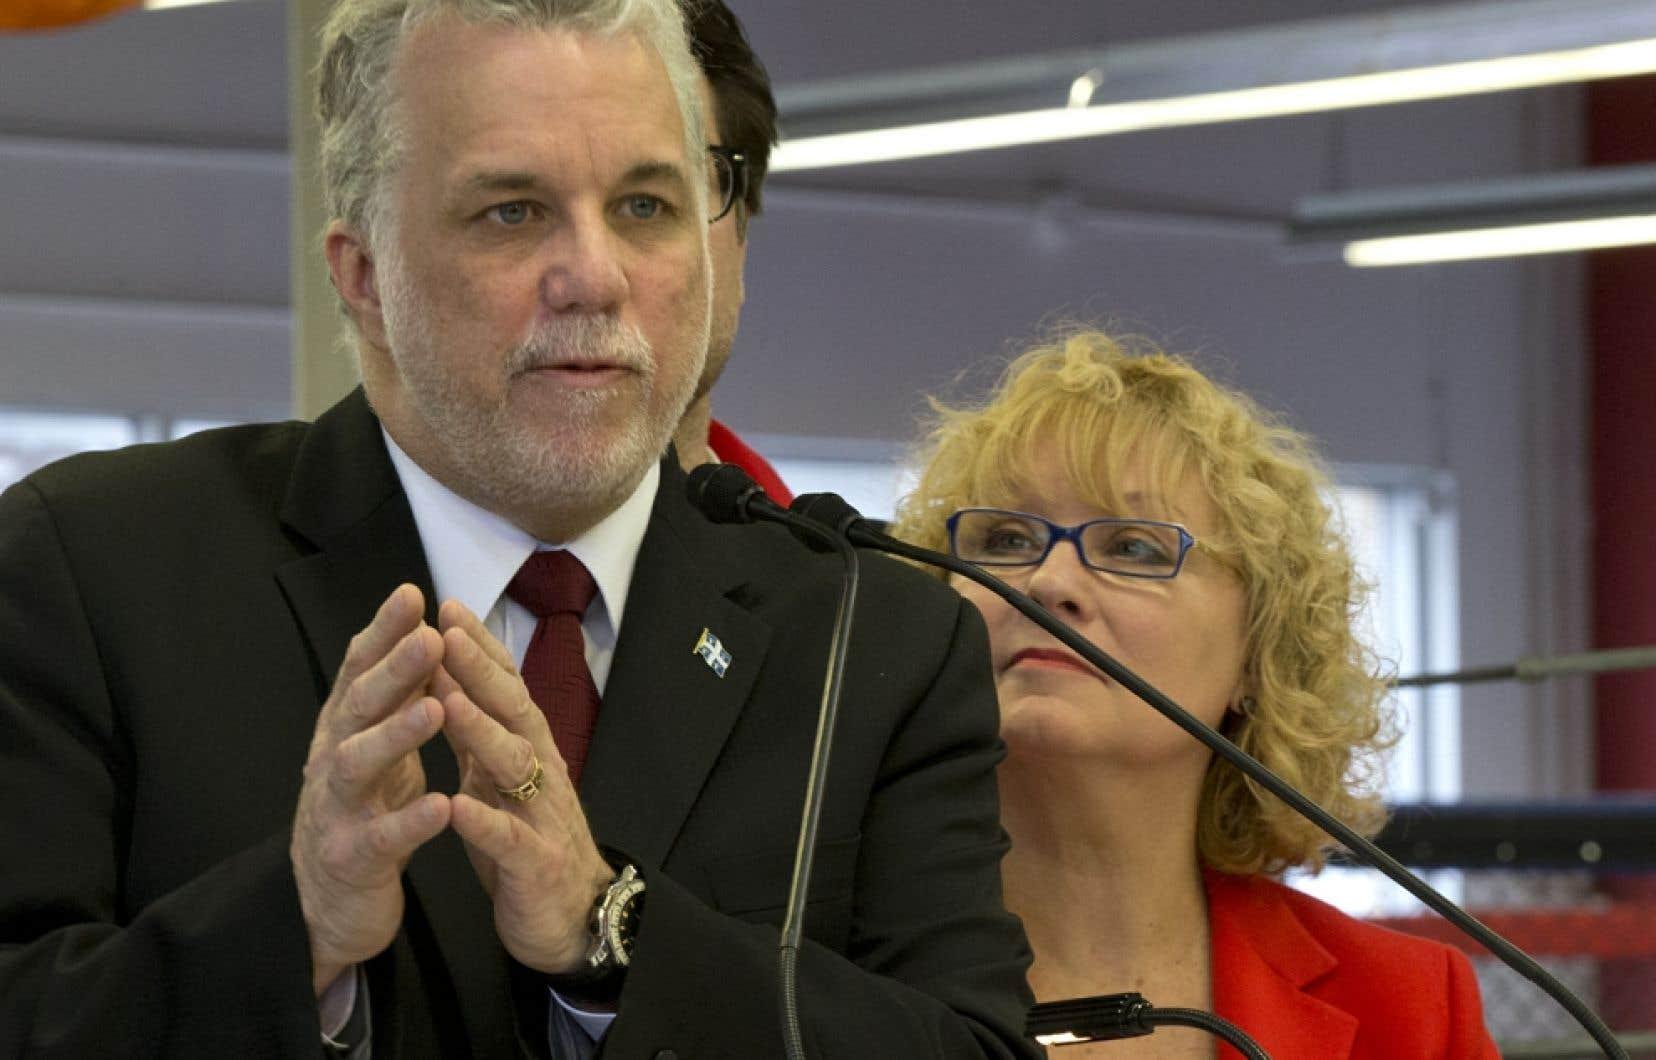 À Laval, Philippe Couillard a expliqué que cette somme, répartie sur cinq ans, sera dénichée grâce à une révision du mode de financement au sein du ministère de la Santé et des Services sociaux.